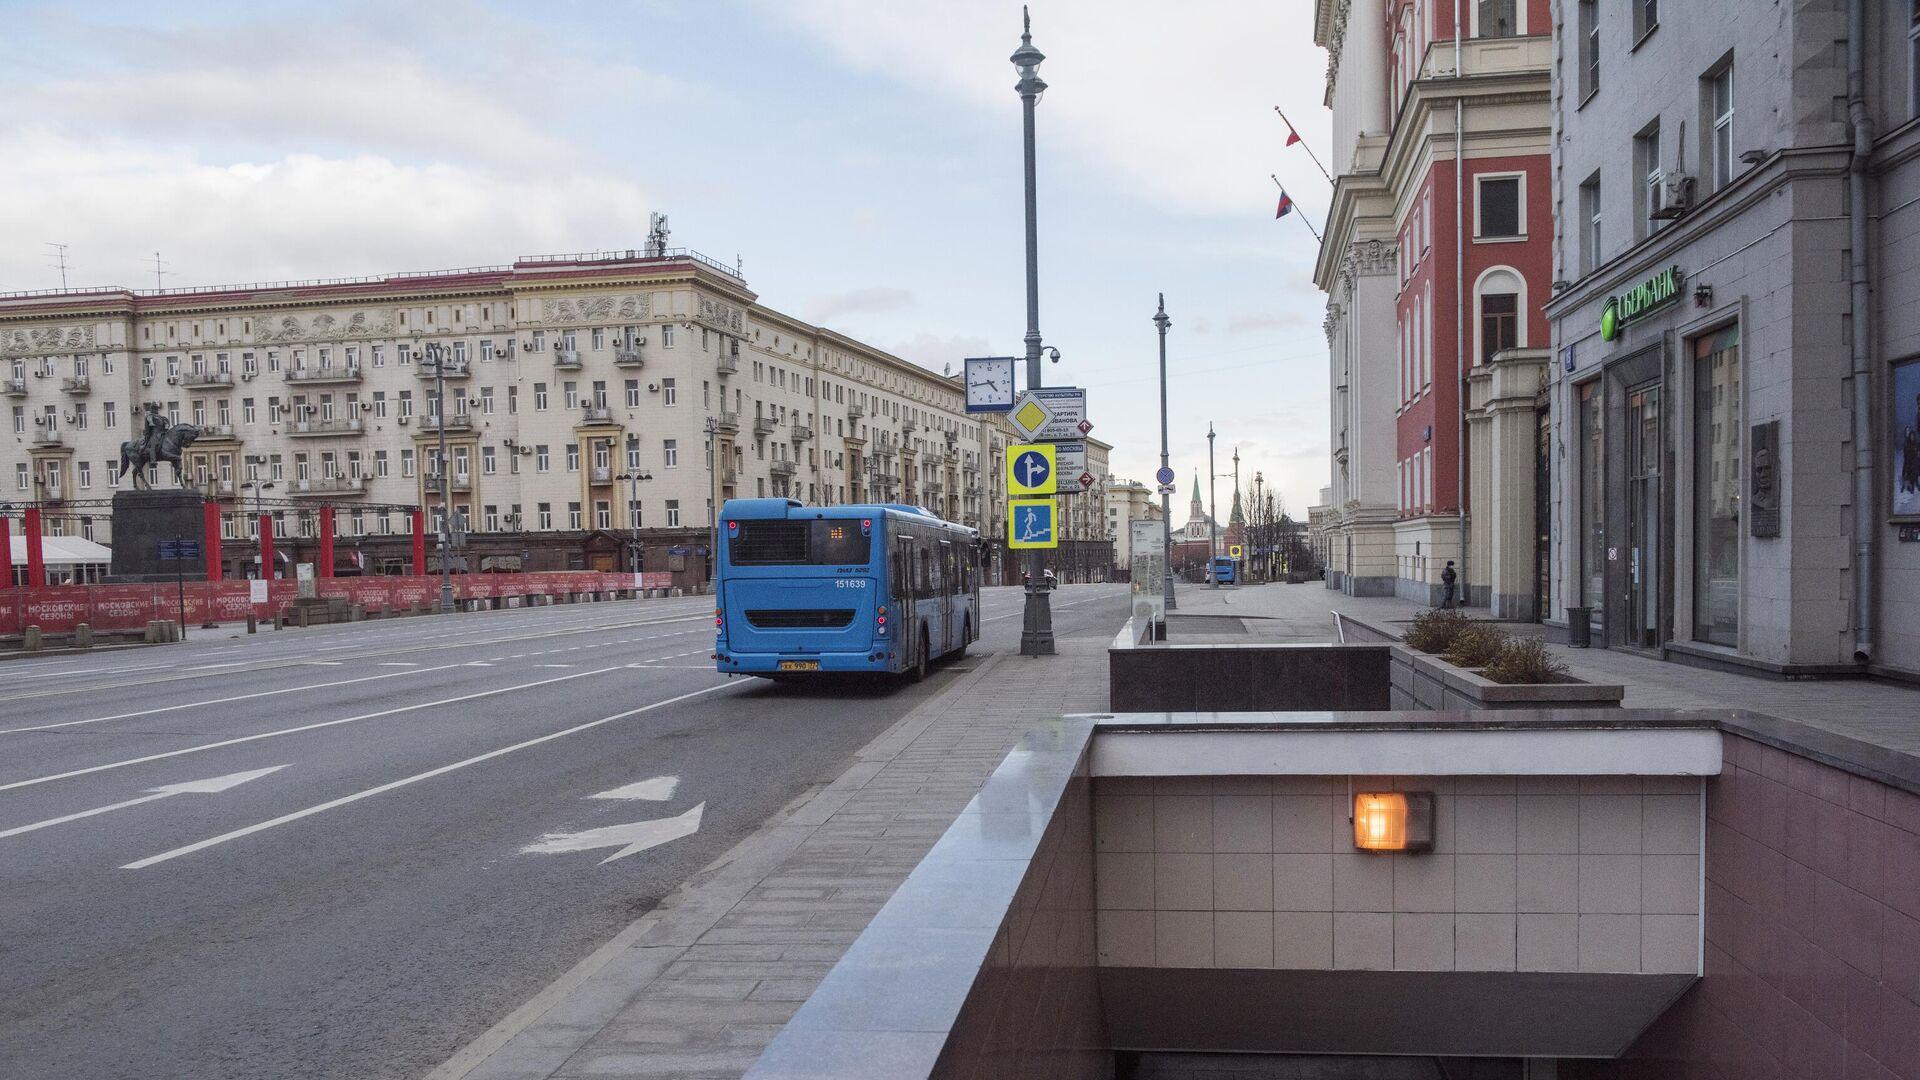 Тверская улица в Москве - РИА Новости, 1920, 21.09.2021